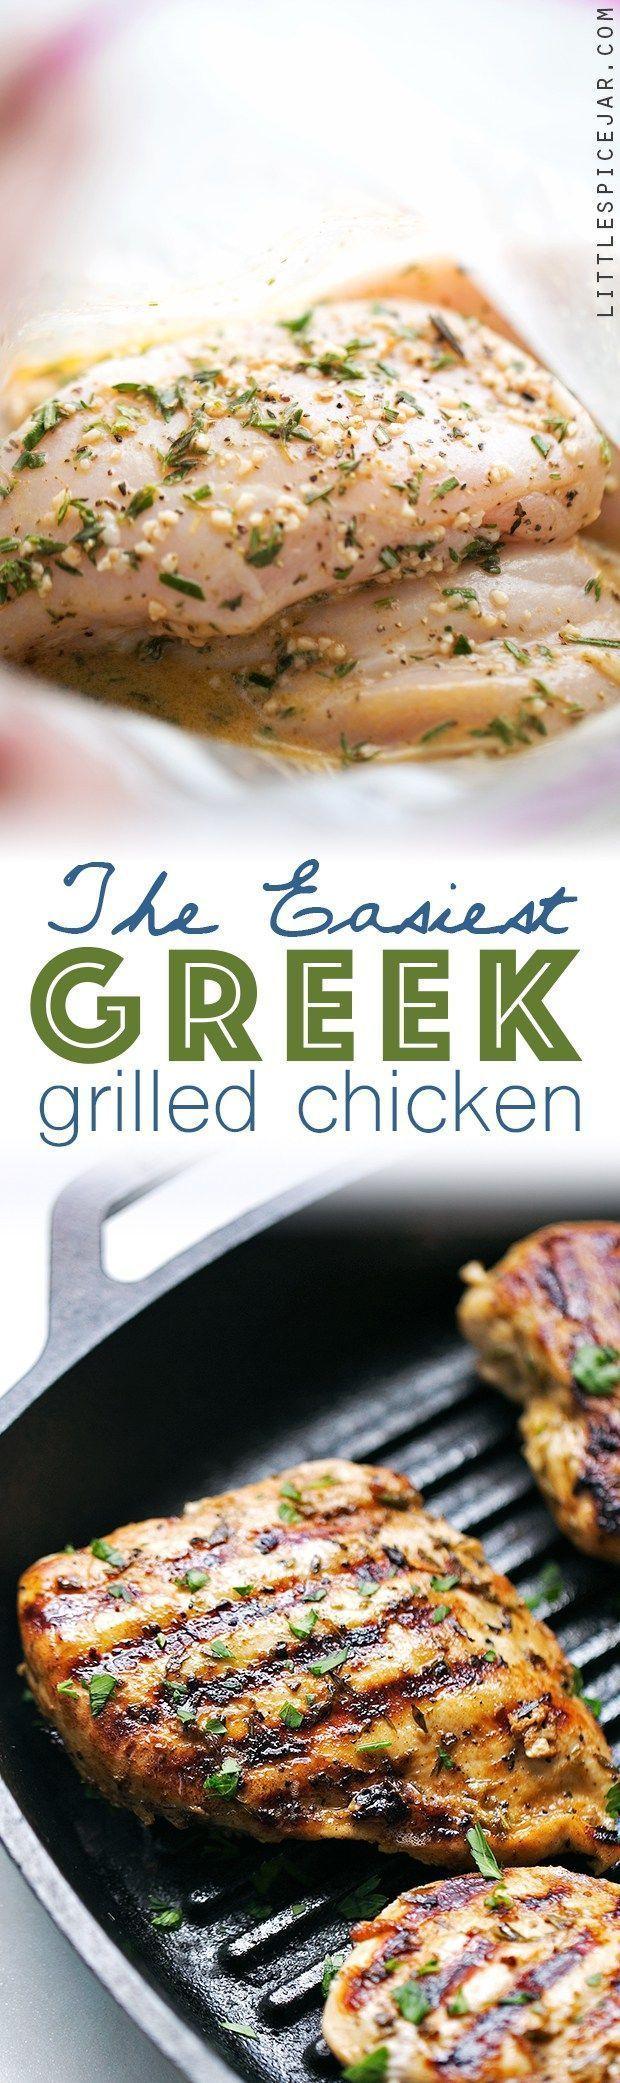 La recette de poulet grillé à la grecque la plus simple, parfaite pour un dîner en semaine! La marinade grecque rapide est faite de vinaigre de vin rouge, d'ail et d'oliv ...